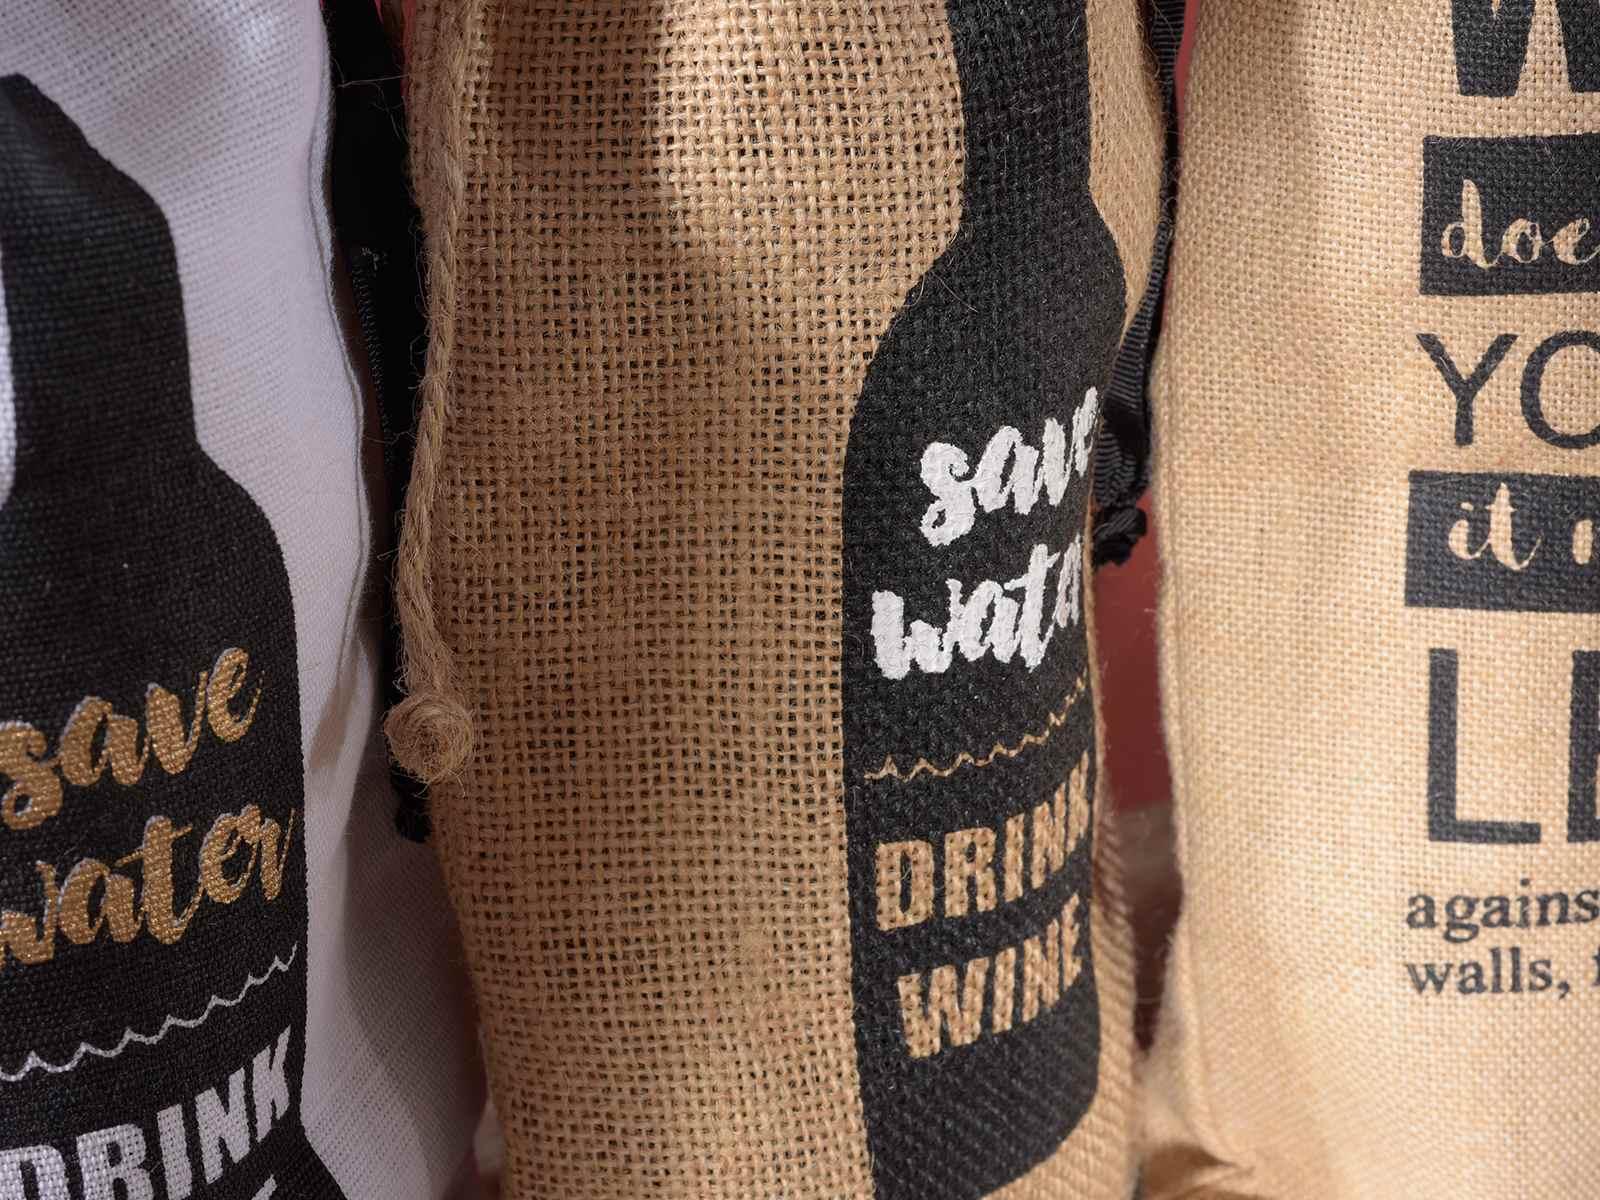 af19bd322 Bolsas para botellas en yute y tela, decoracione vino (58.06.12 ...